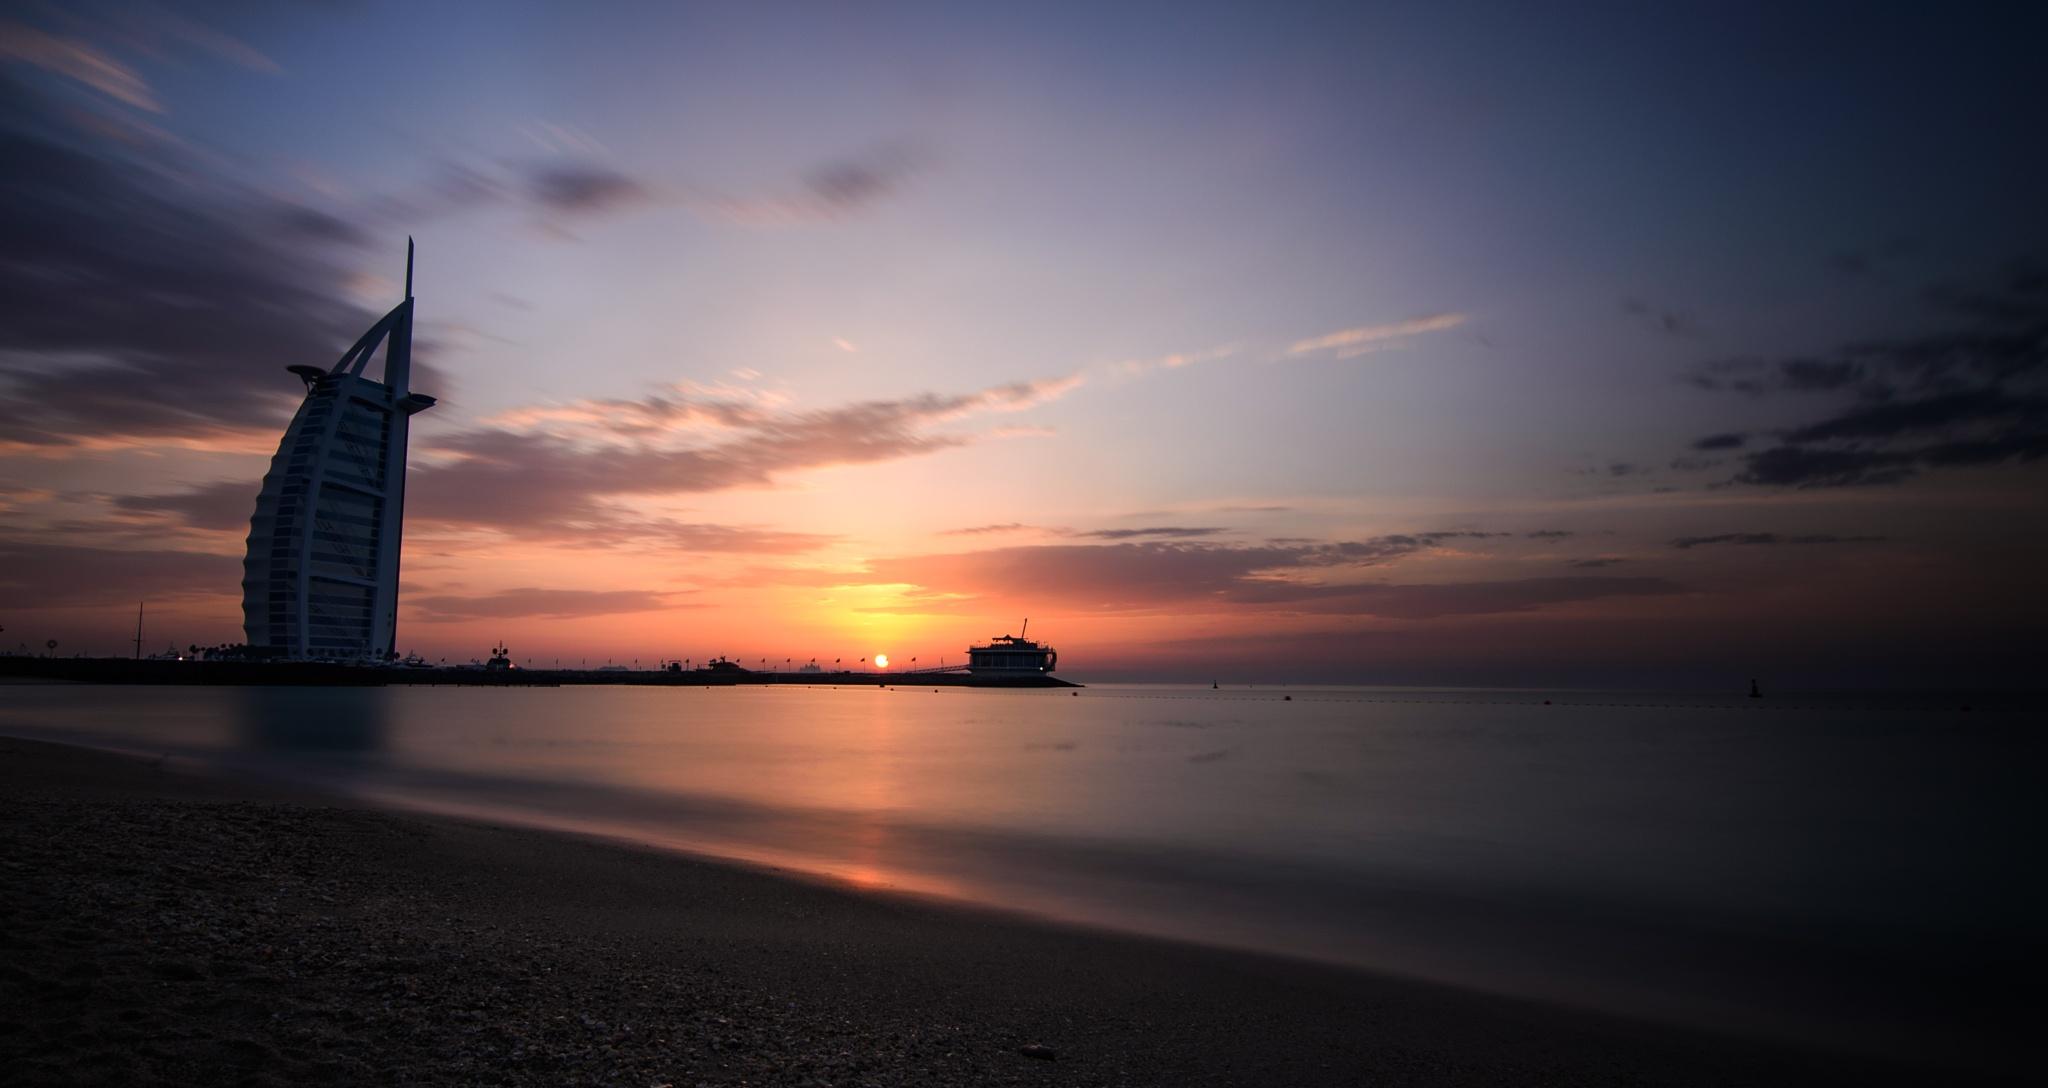 Sunset by S M Rezaul Haque